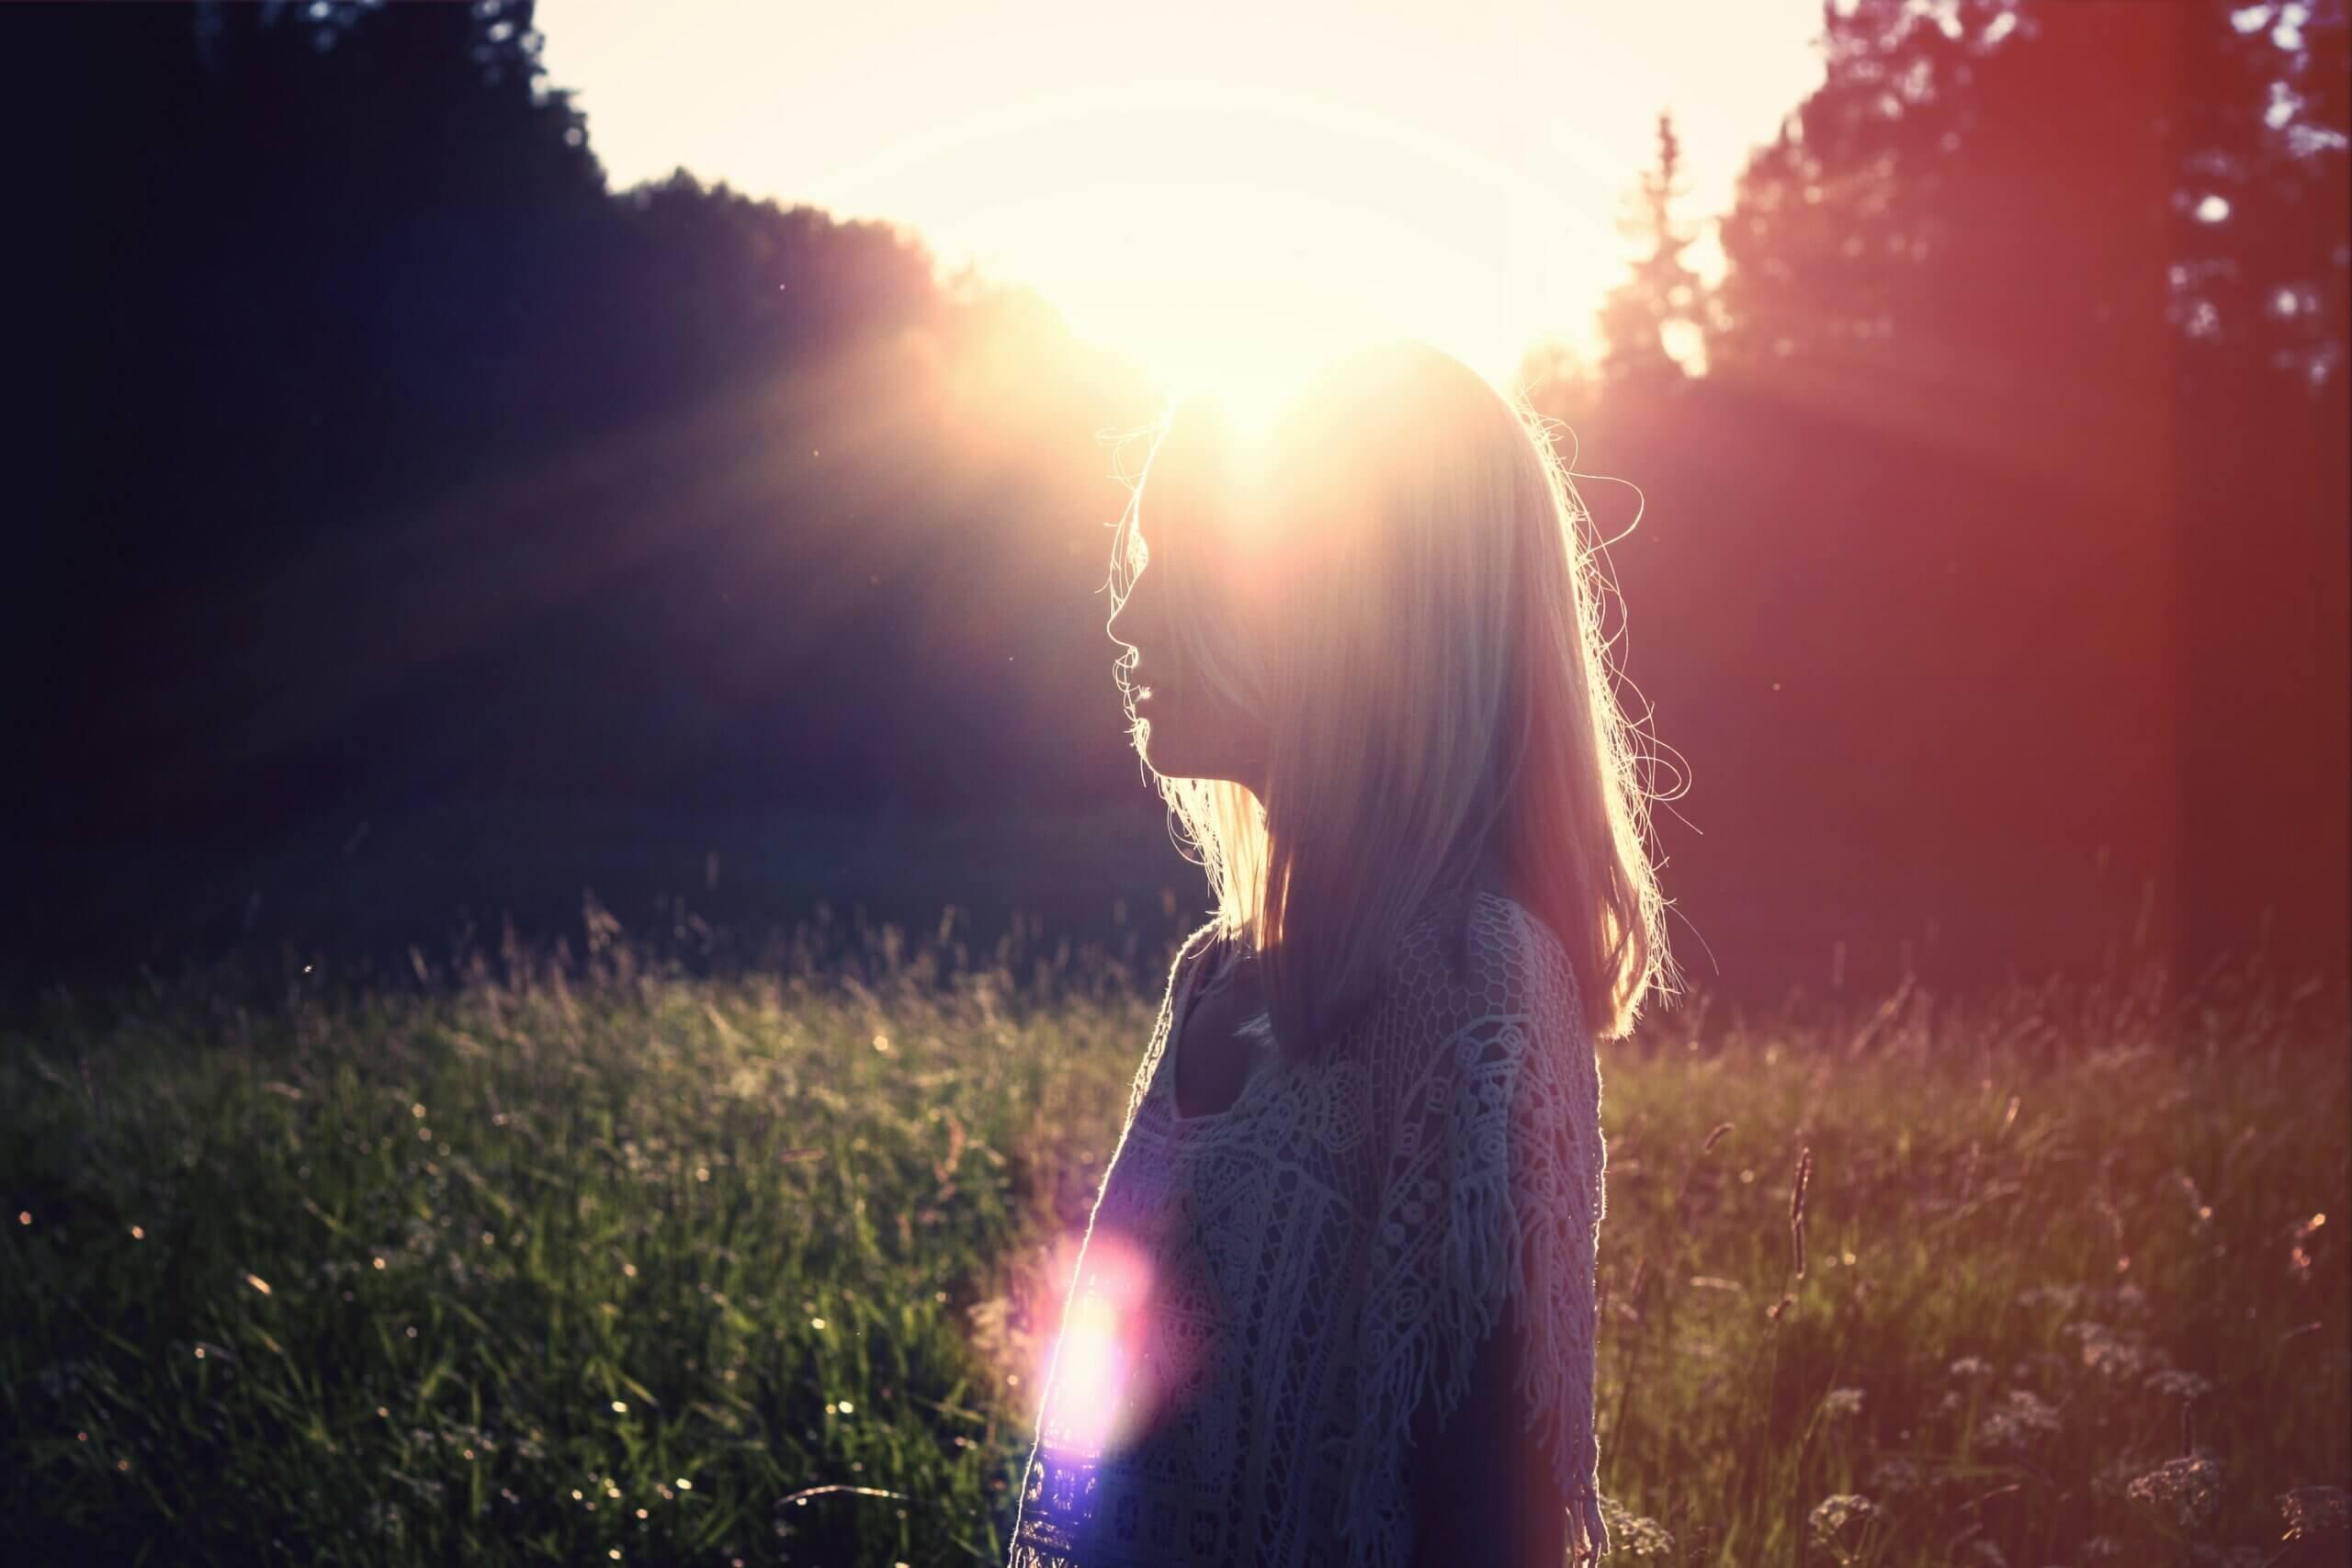 Grande es aquel capaz de brillar sin apagar la luz de los demás